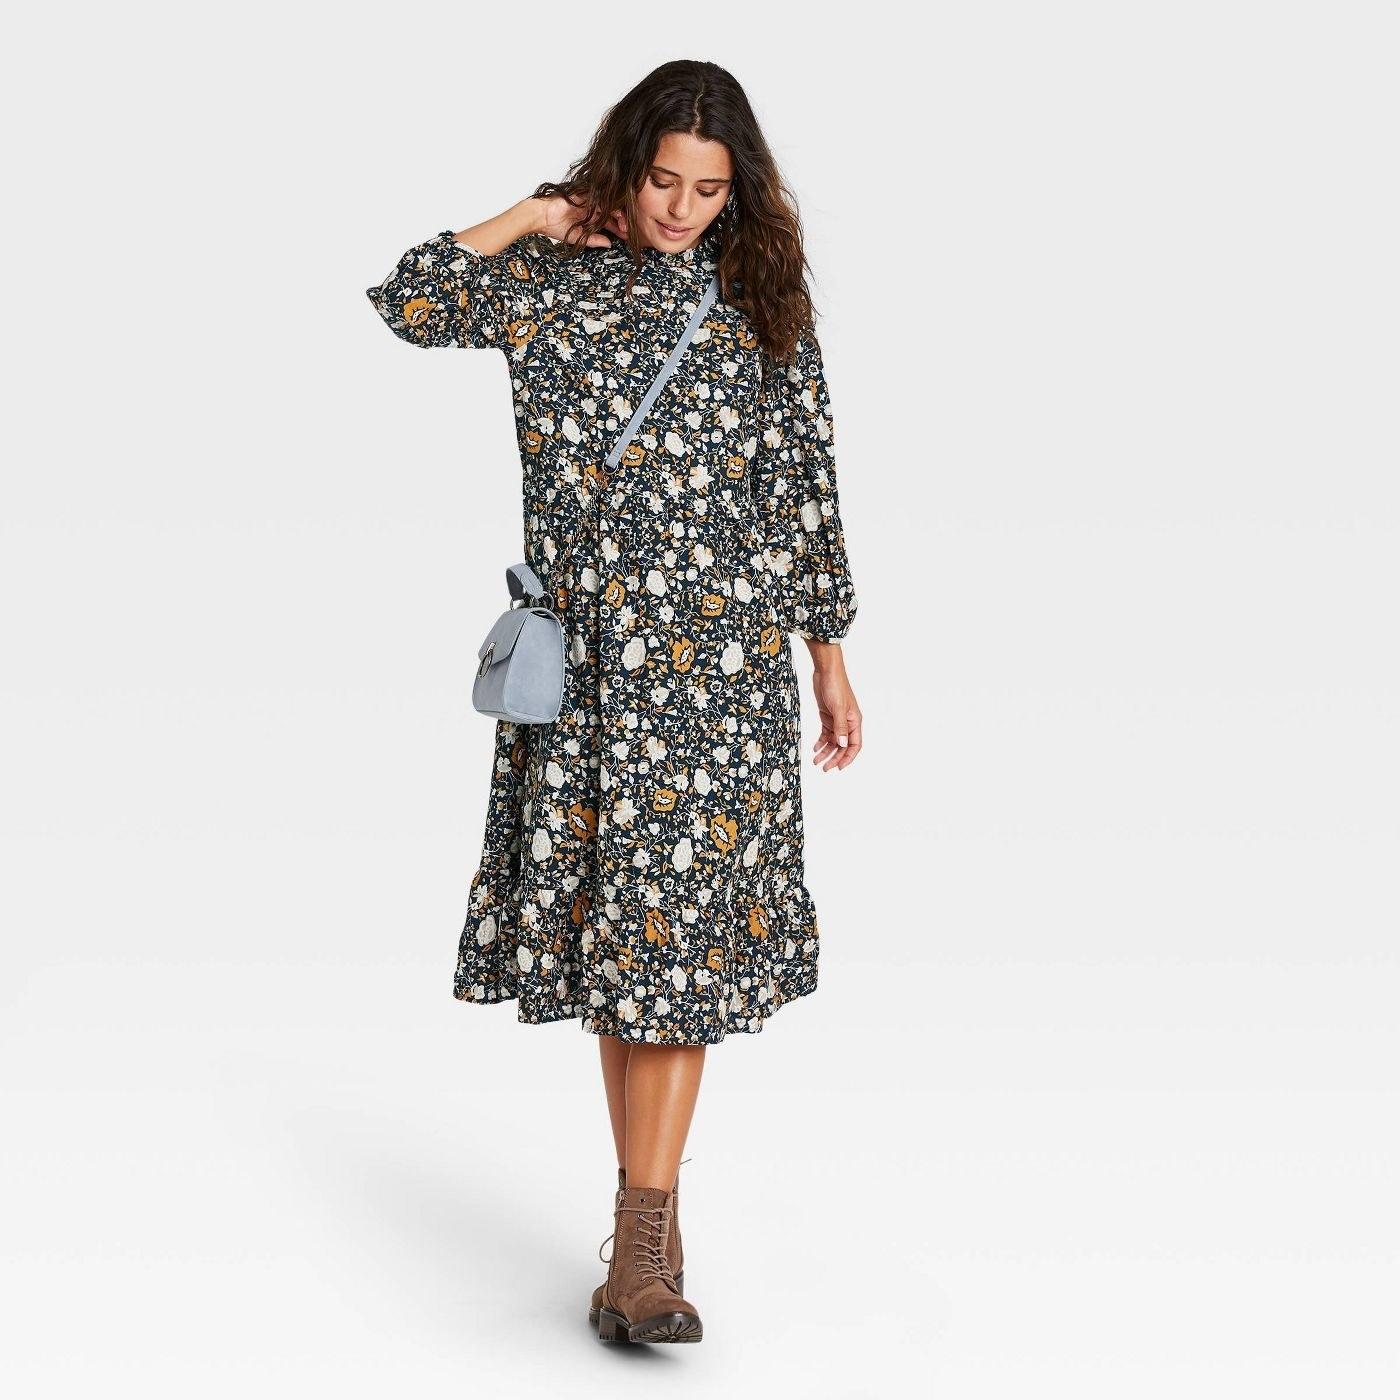 Model in long sleeve dress